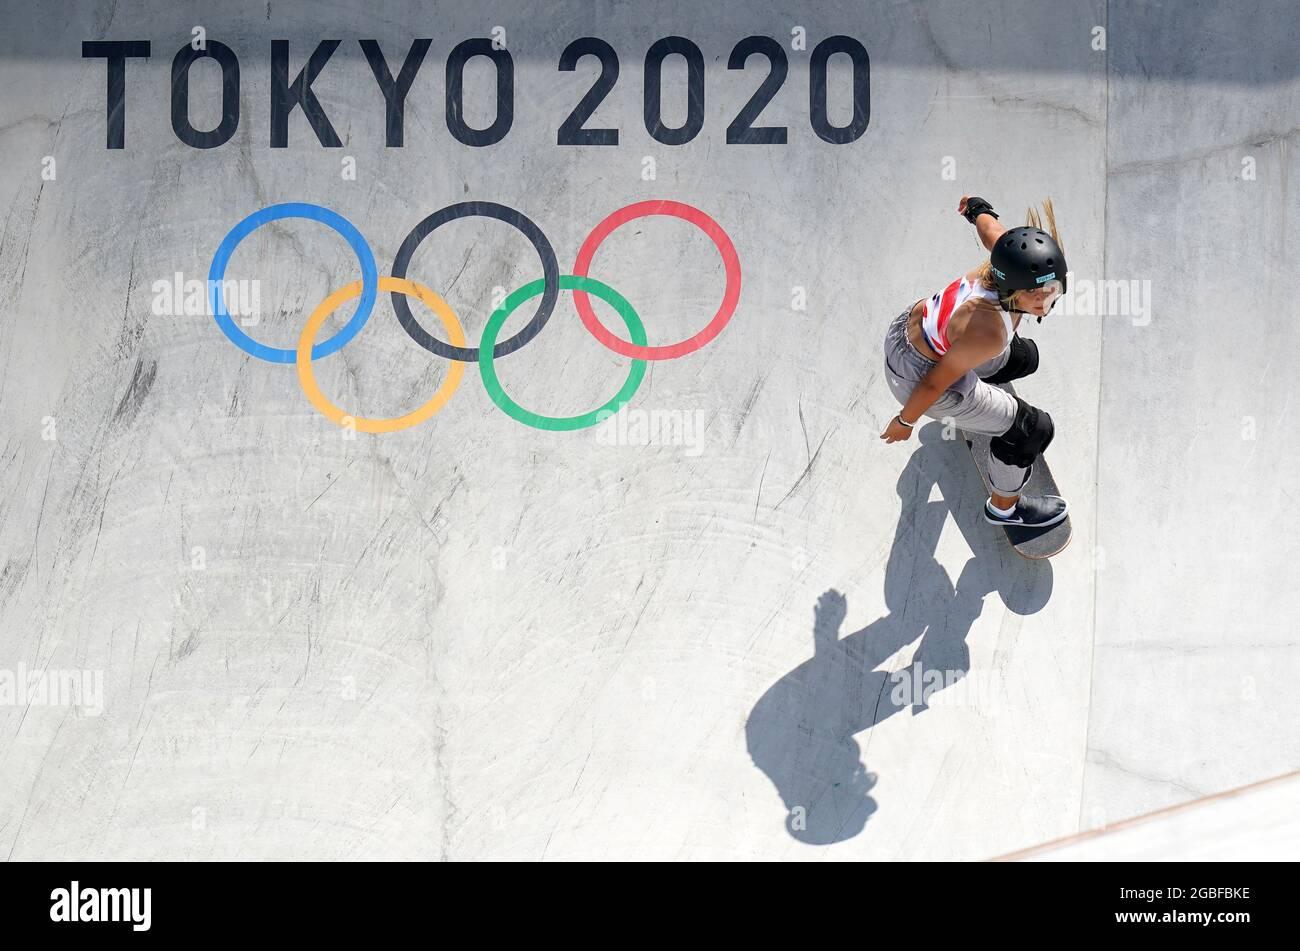 Great Britain's Sky Brown durante il Women's Park Prelims Heat all'Ariake Sports Park Skateboarding il dodicesimo giorno dei Giochi Olimpici di Tokyo 2020 in Giappone. Data immagine: Mercoledì 4 agosto 2021. Foto Stock